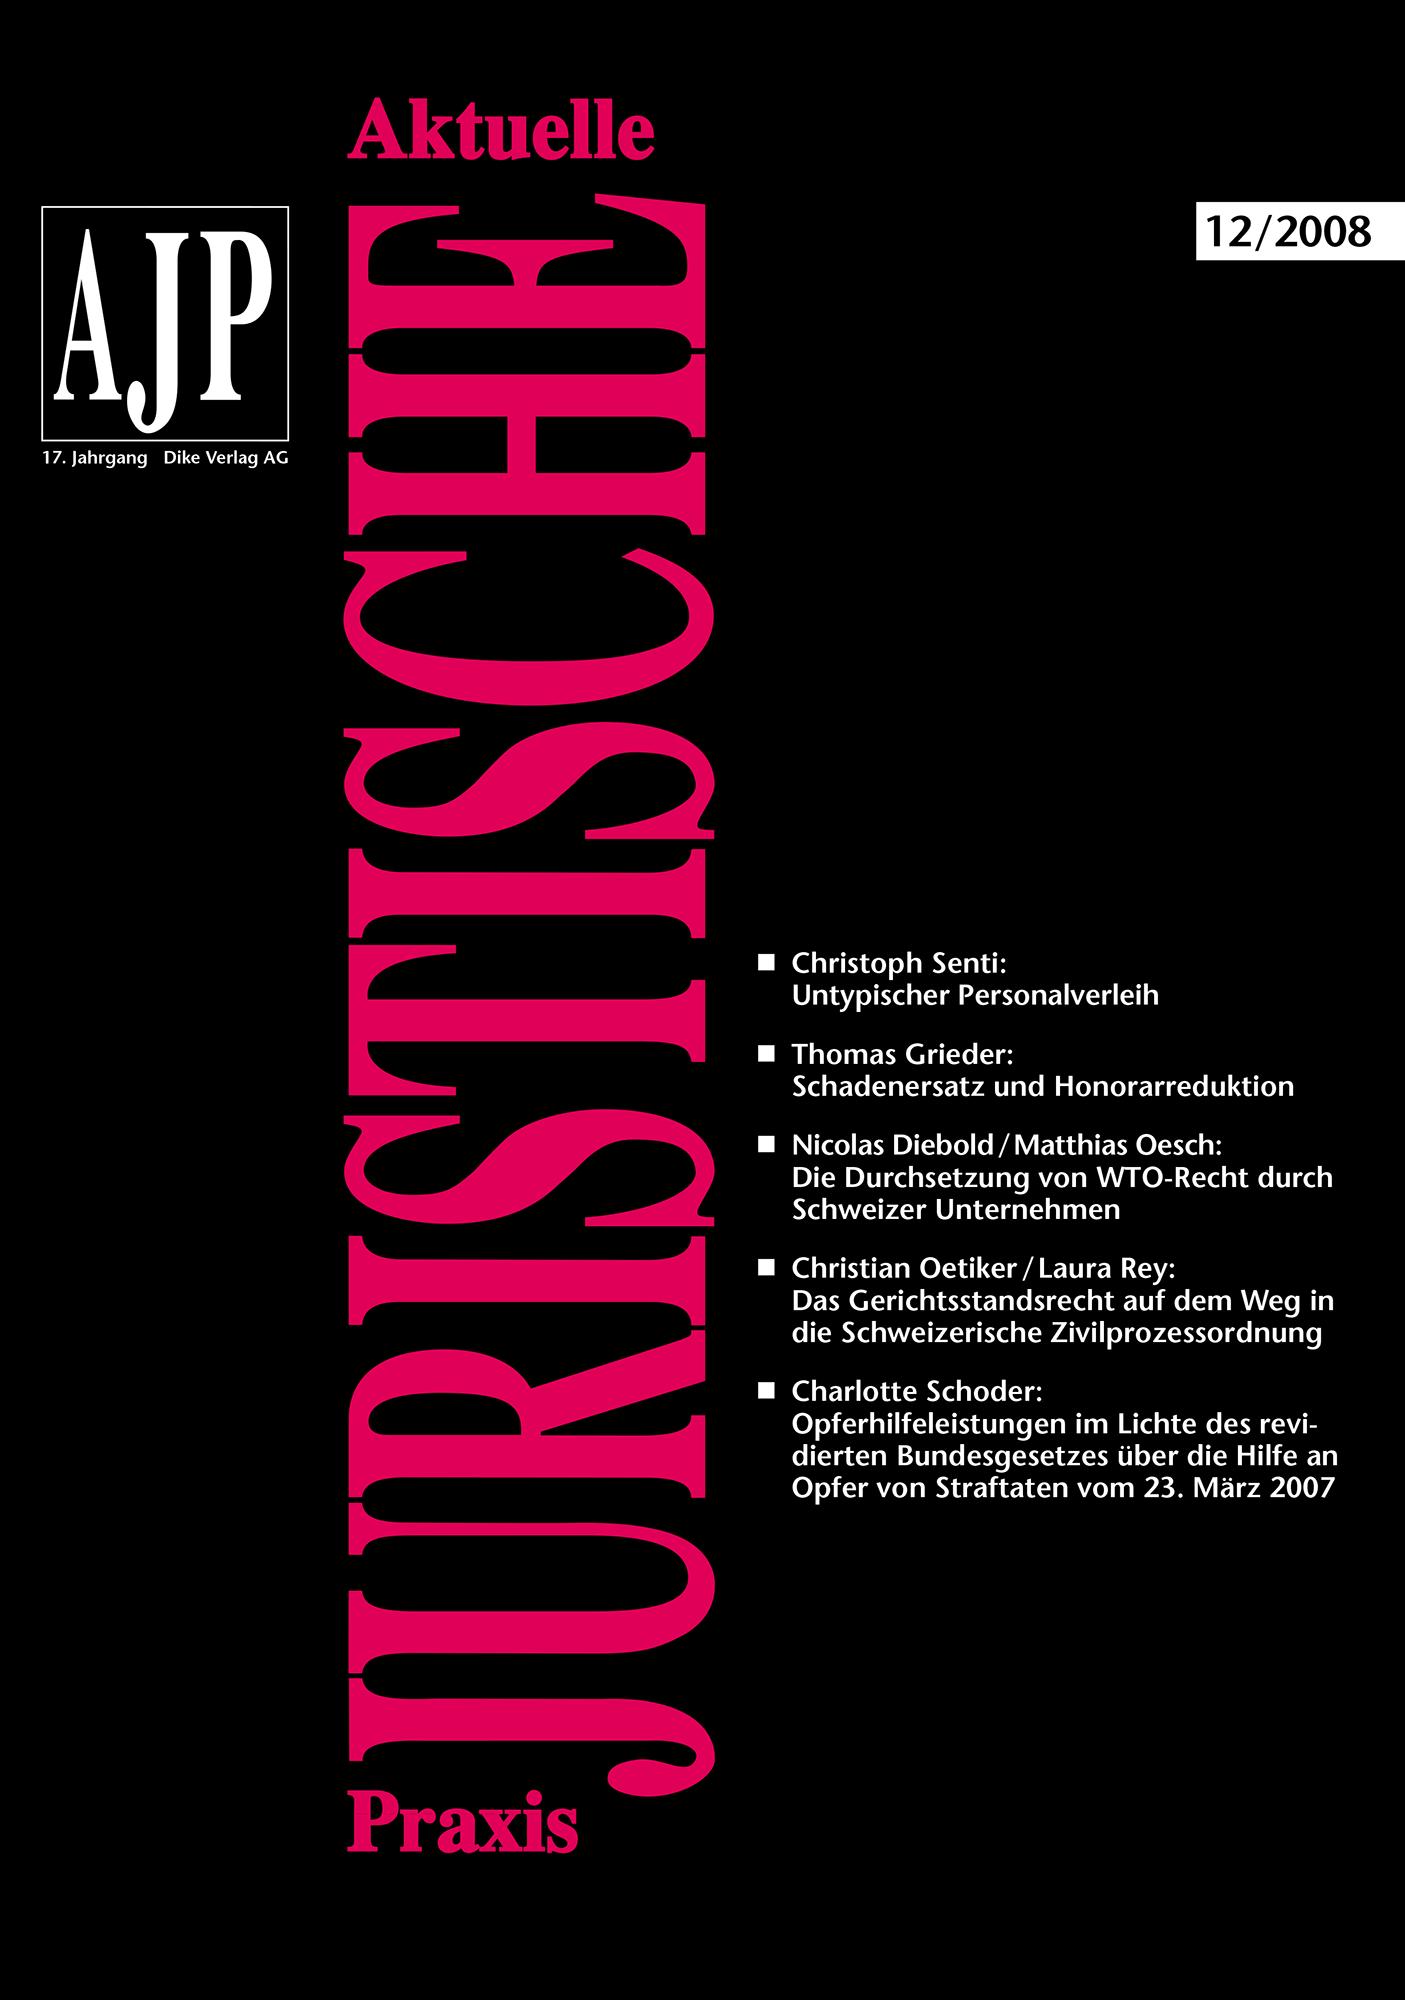 AJP/PJA 12/2008